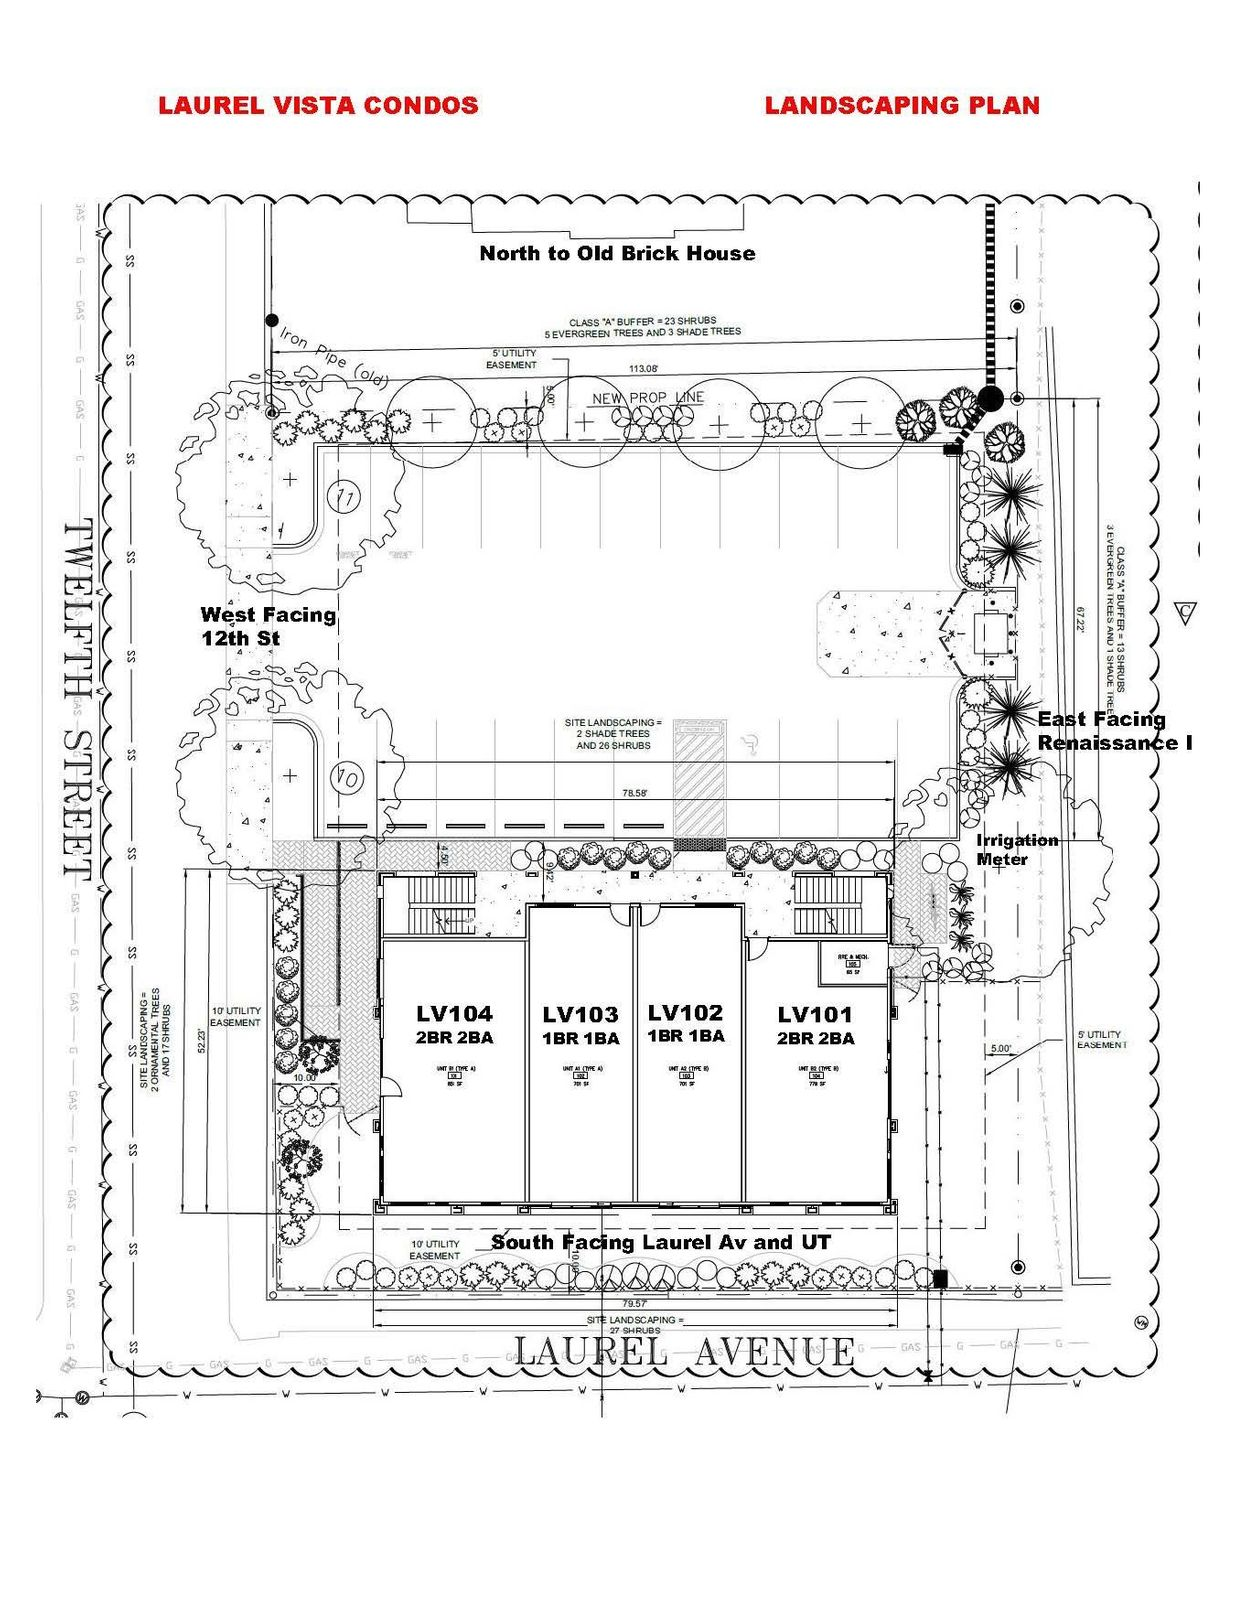 LV Landscaping Plan